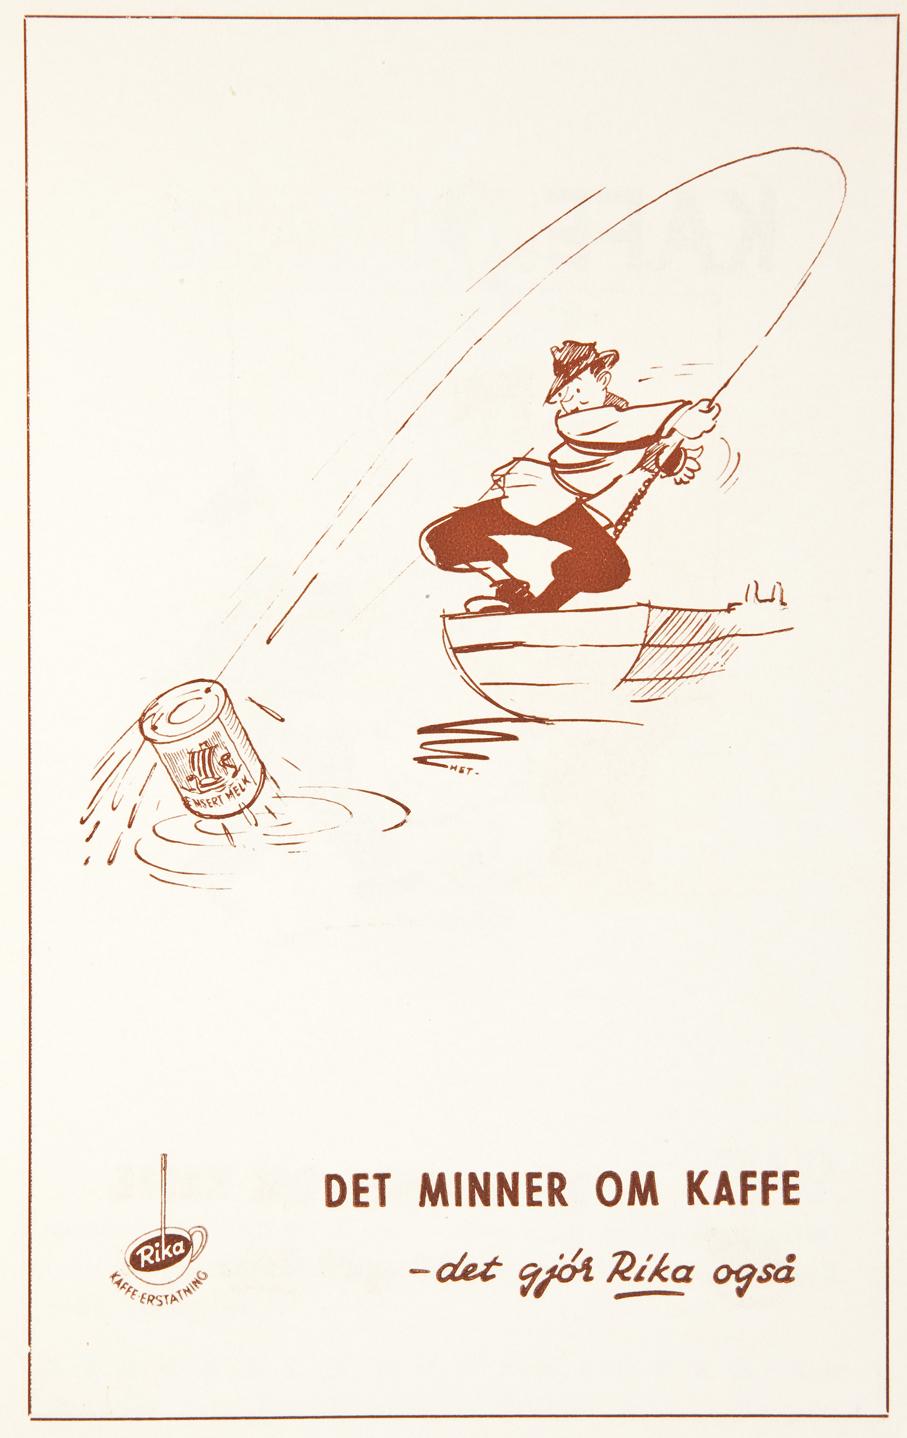 Bergens Annonse-byrå utarbeidet i 1941 en annonseserie for Rika kaffeerstatning.